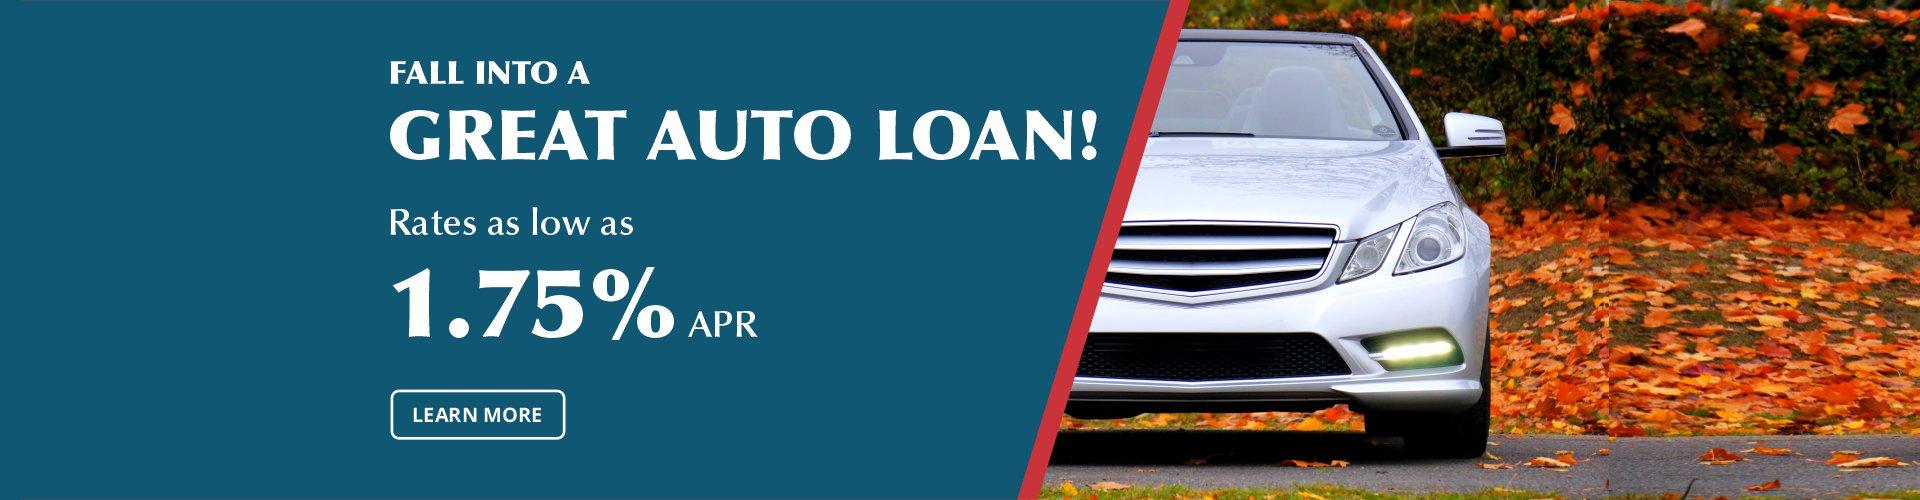 Auto Loan Fall 2020